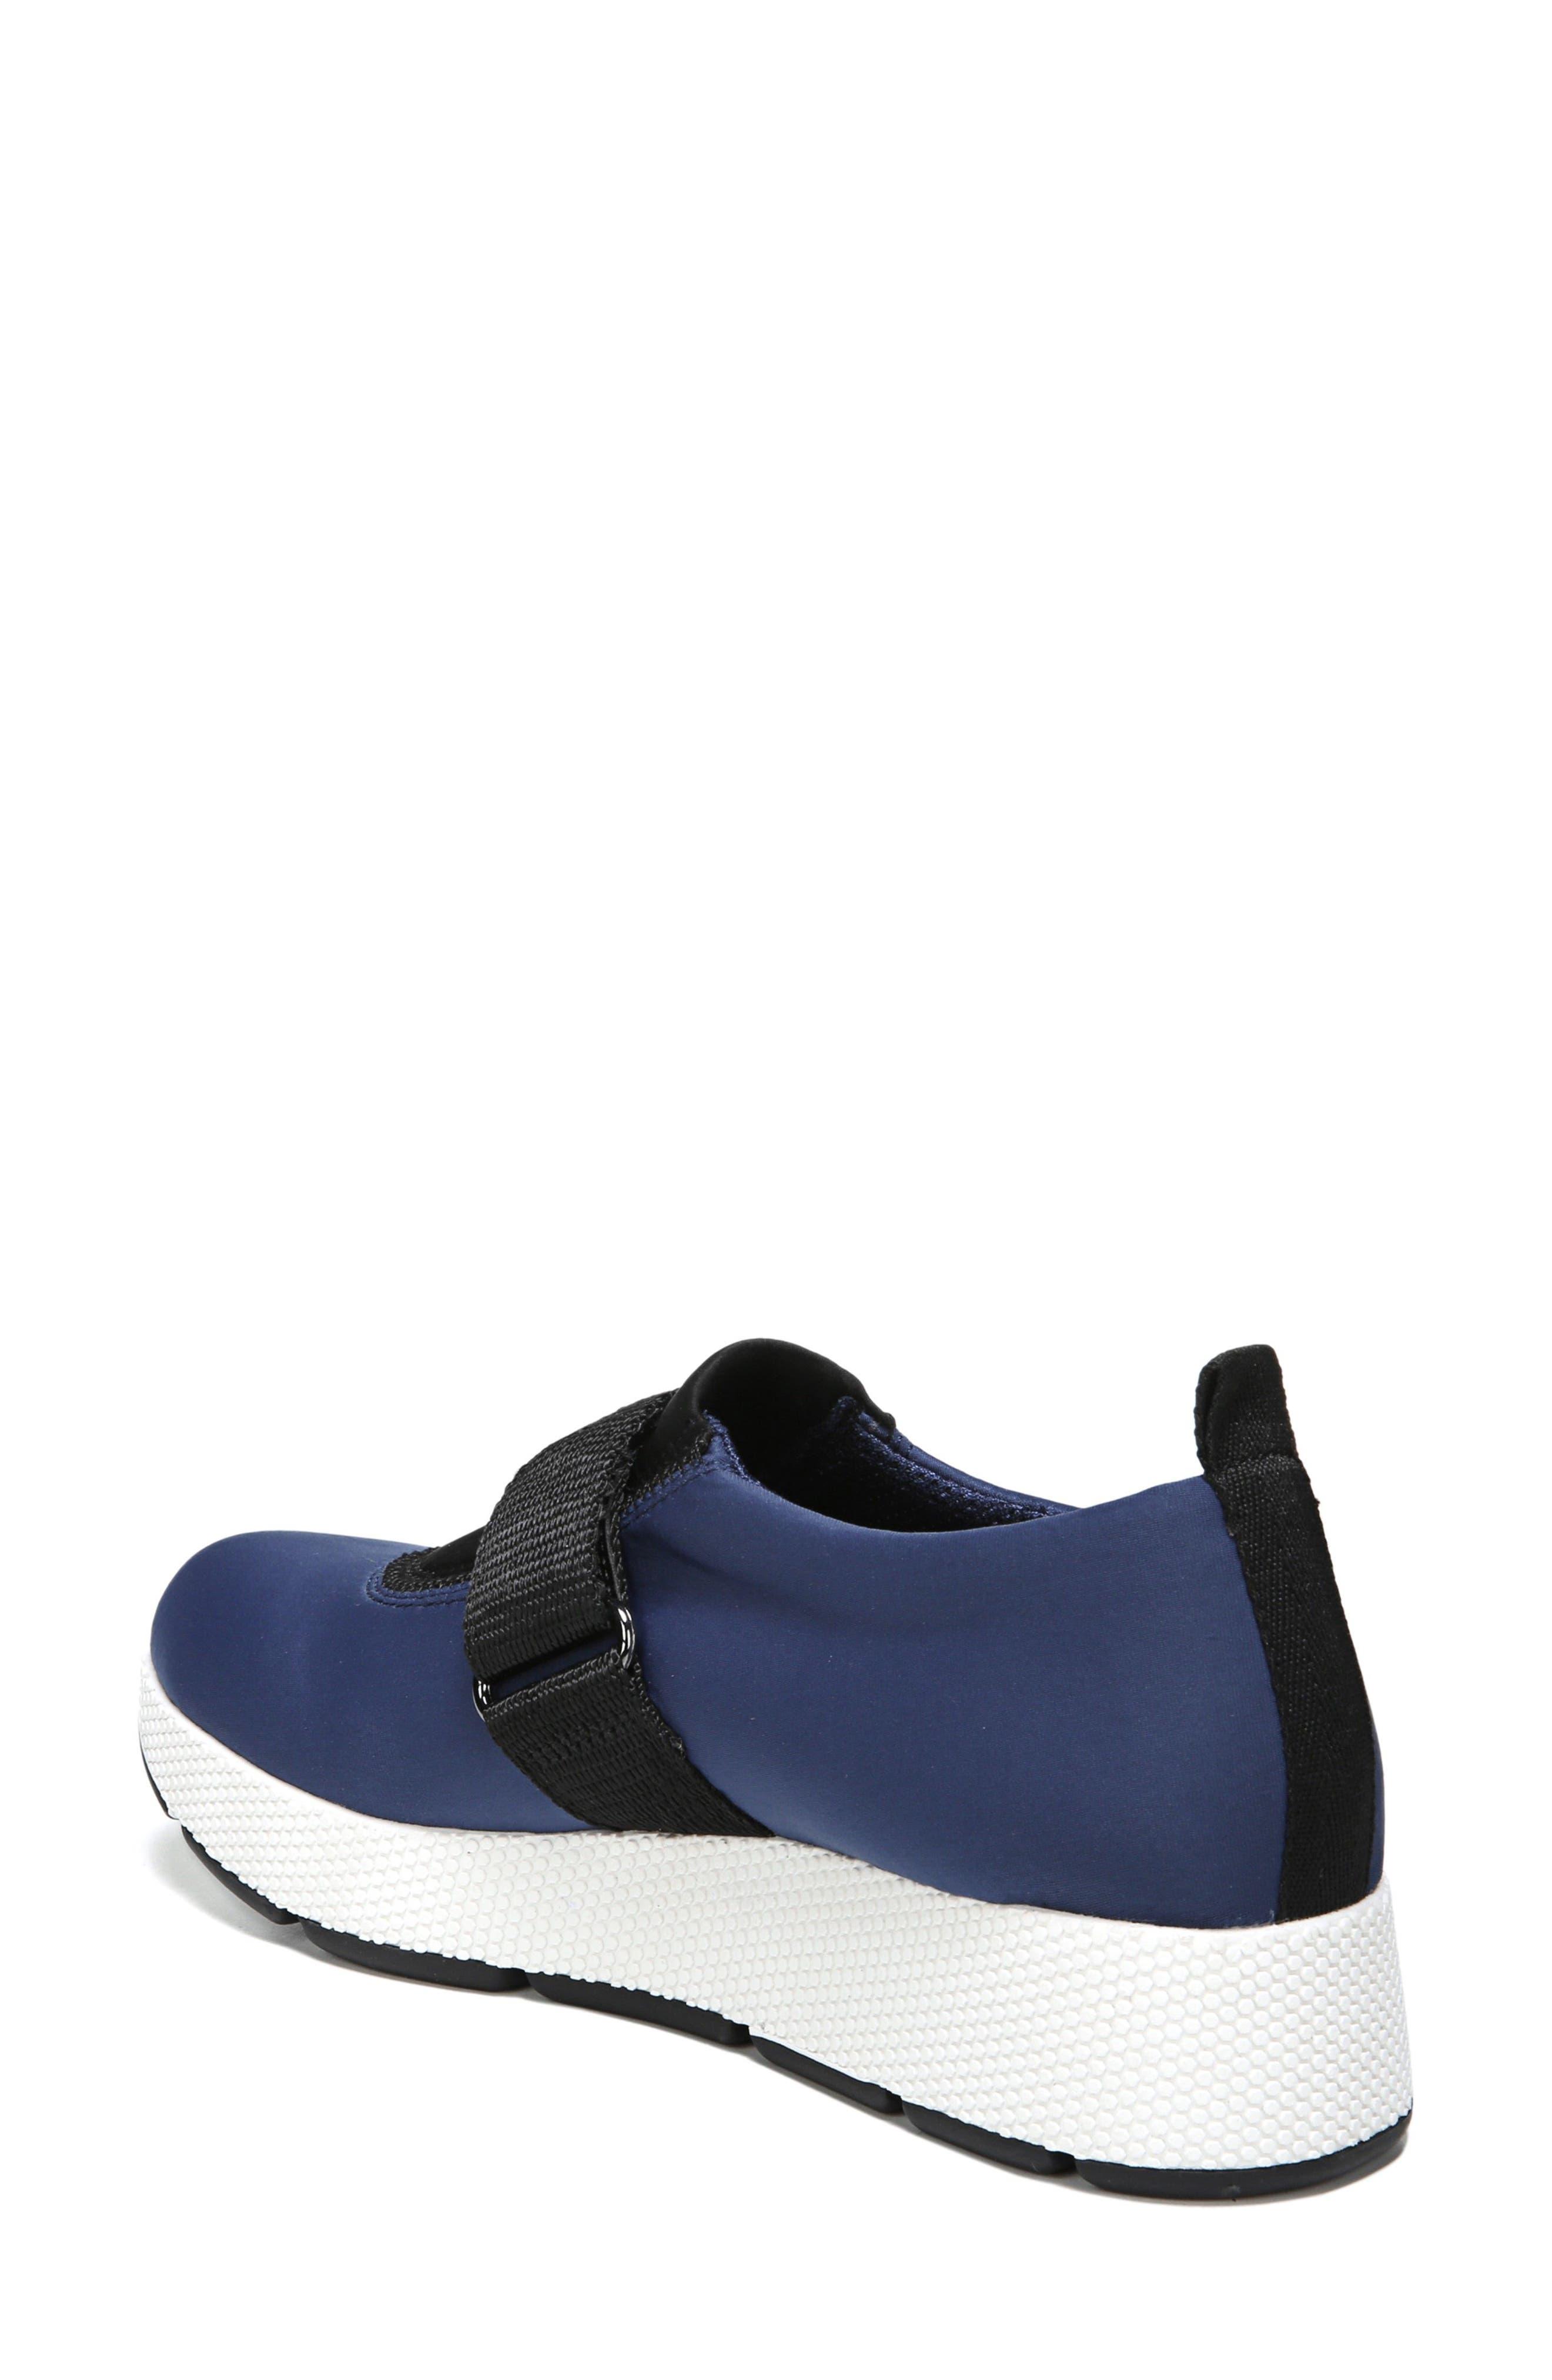 Odella Slip-On Sneaker,                             Alternate thumbnail 2, color,                             Navy Fabric